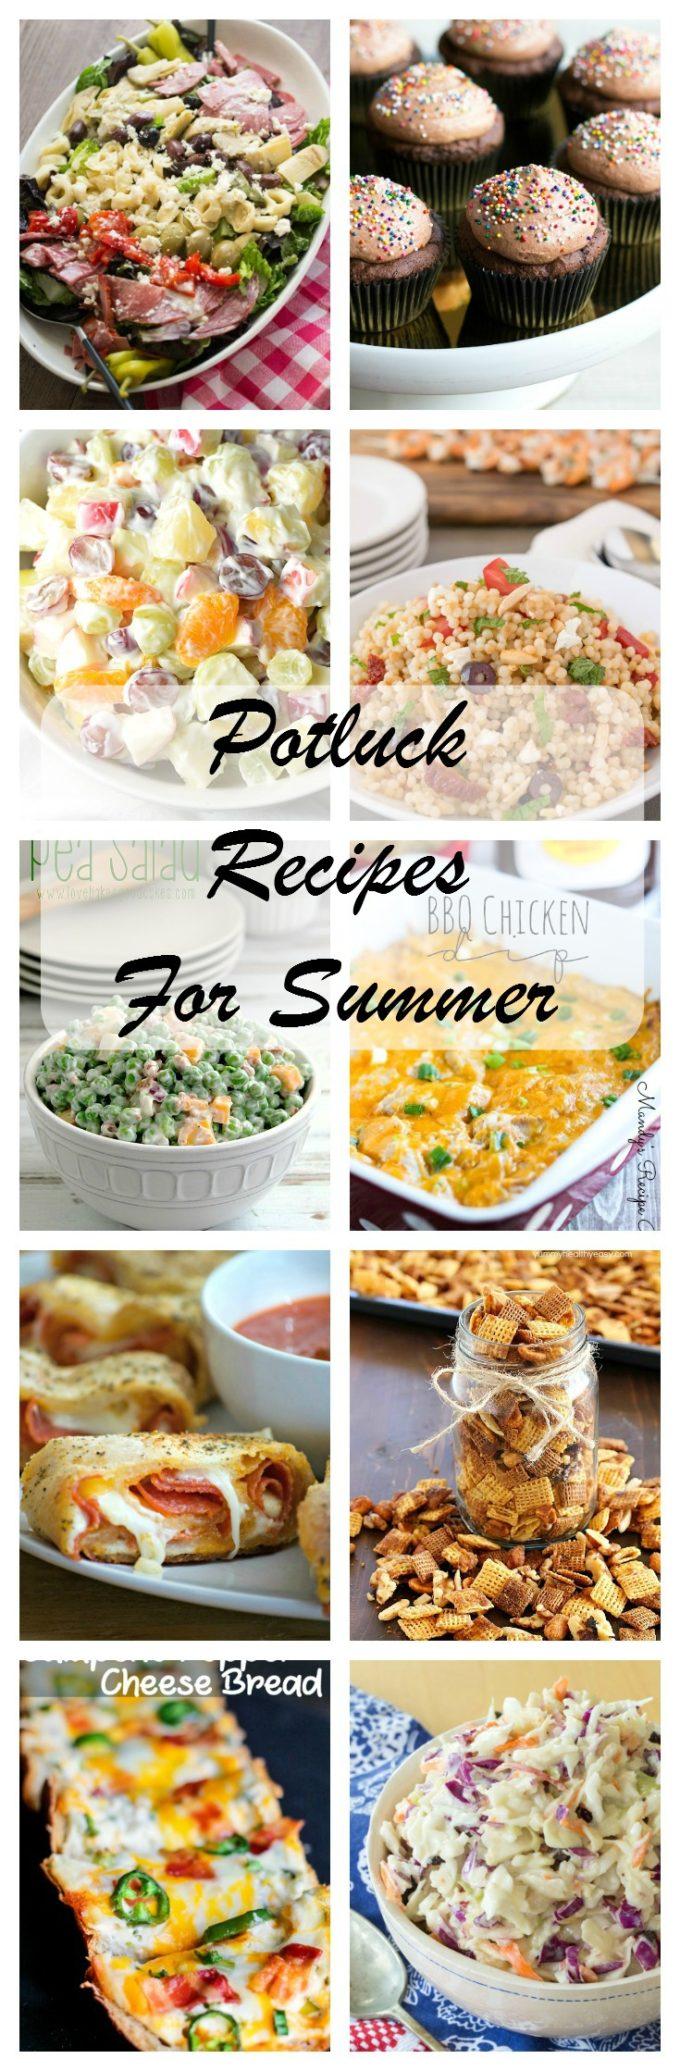 Mediterranean Food Recipes For Potluck